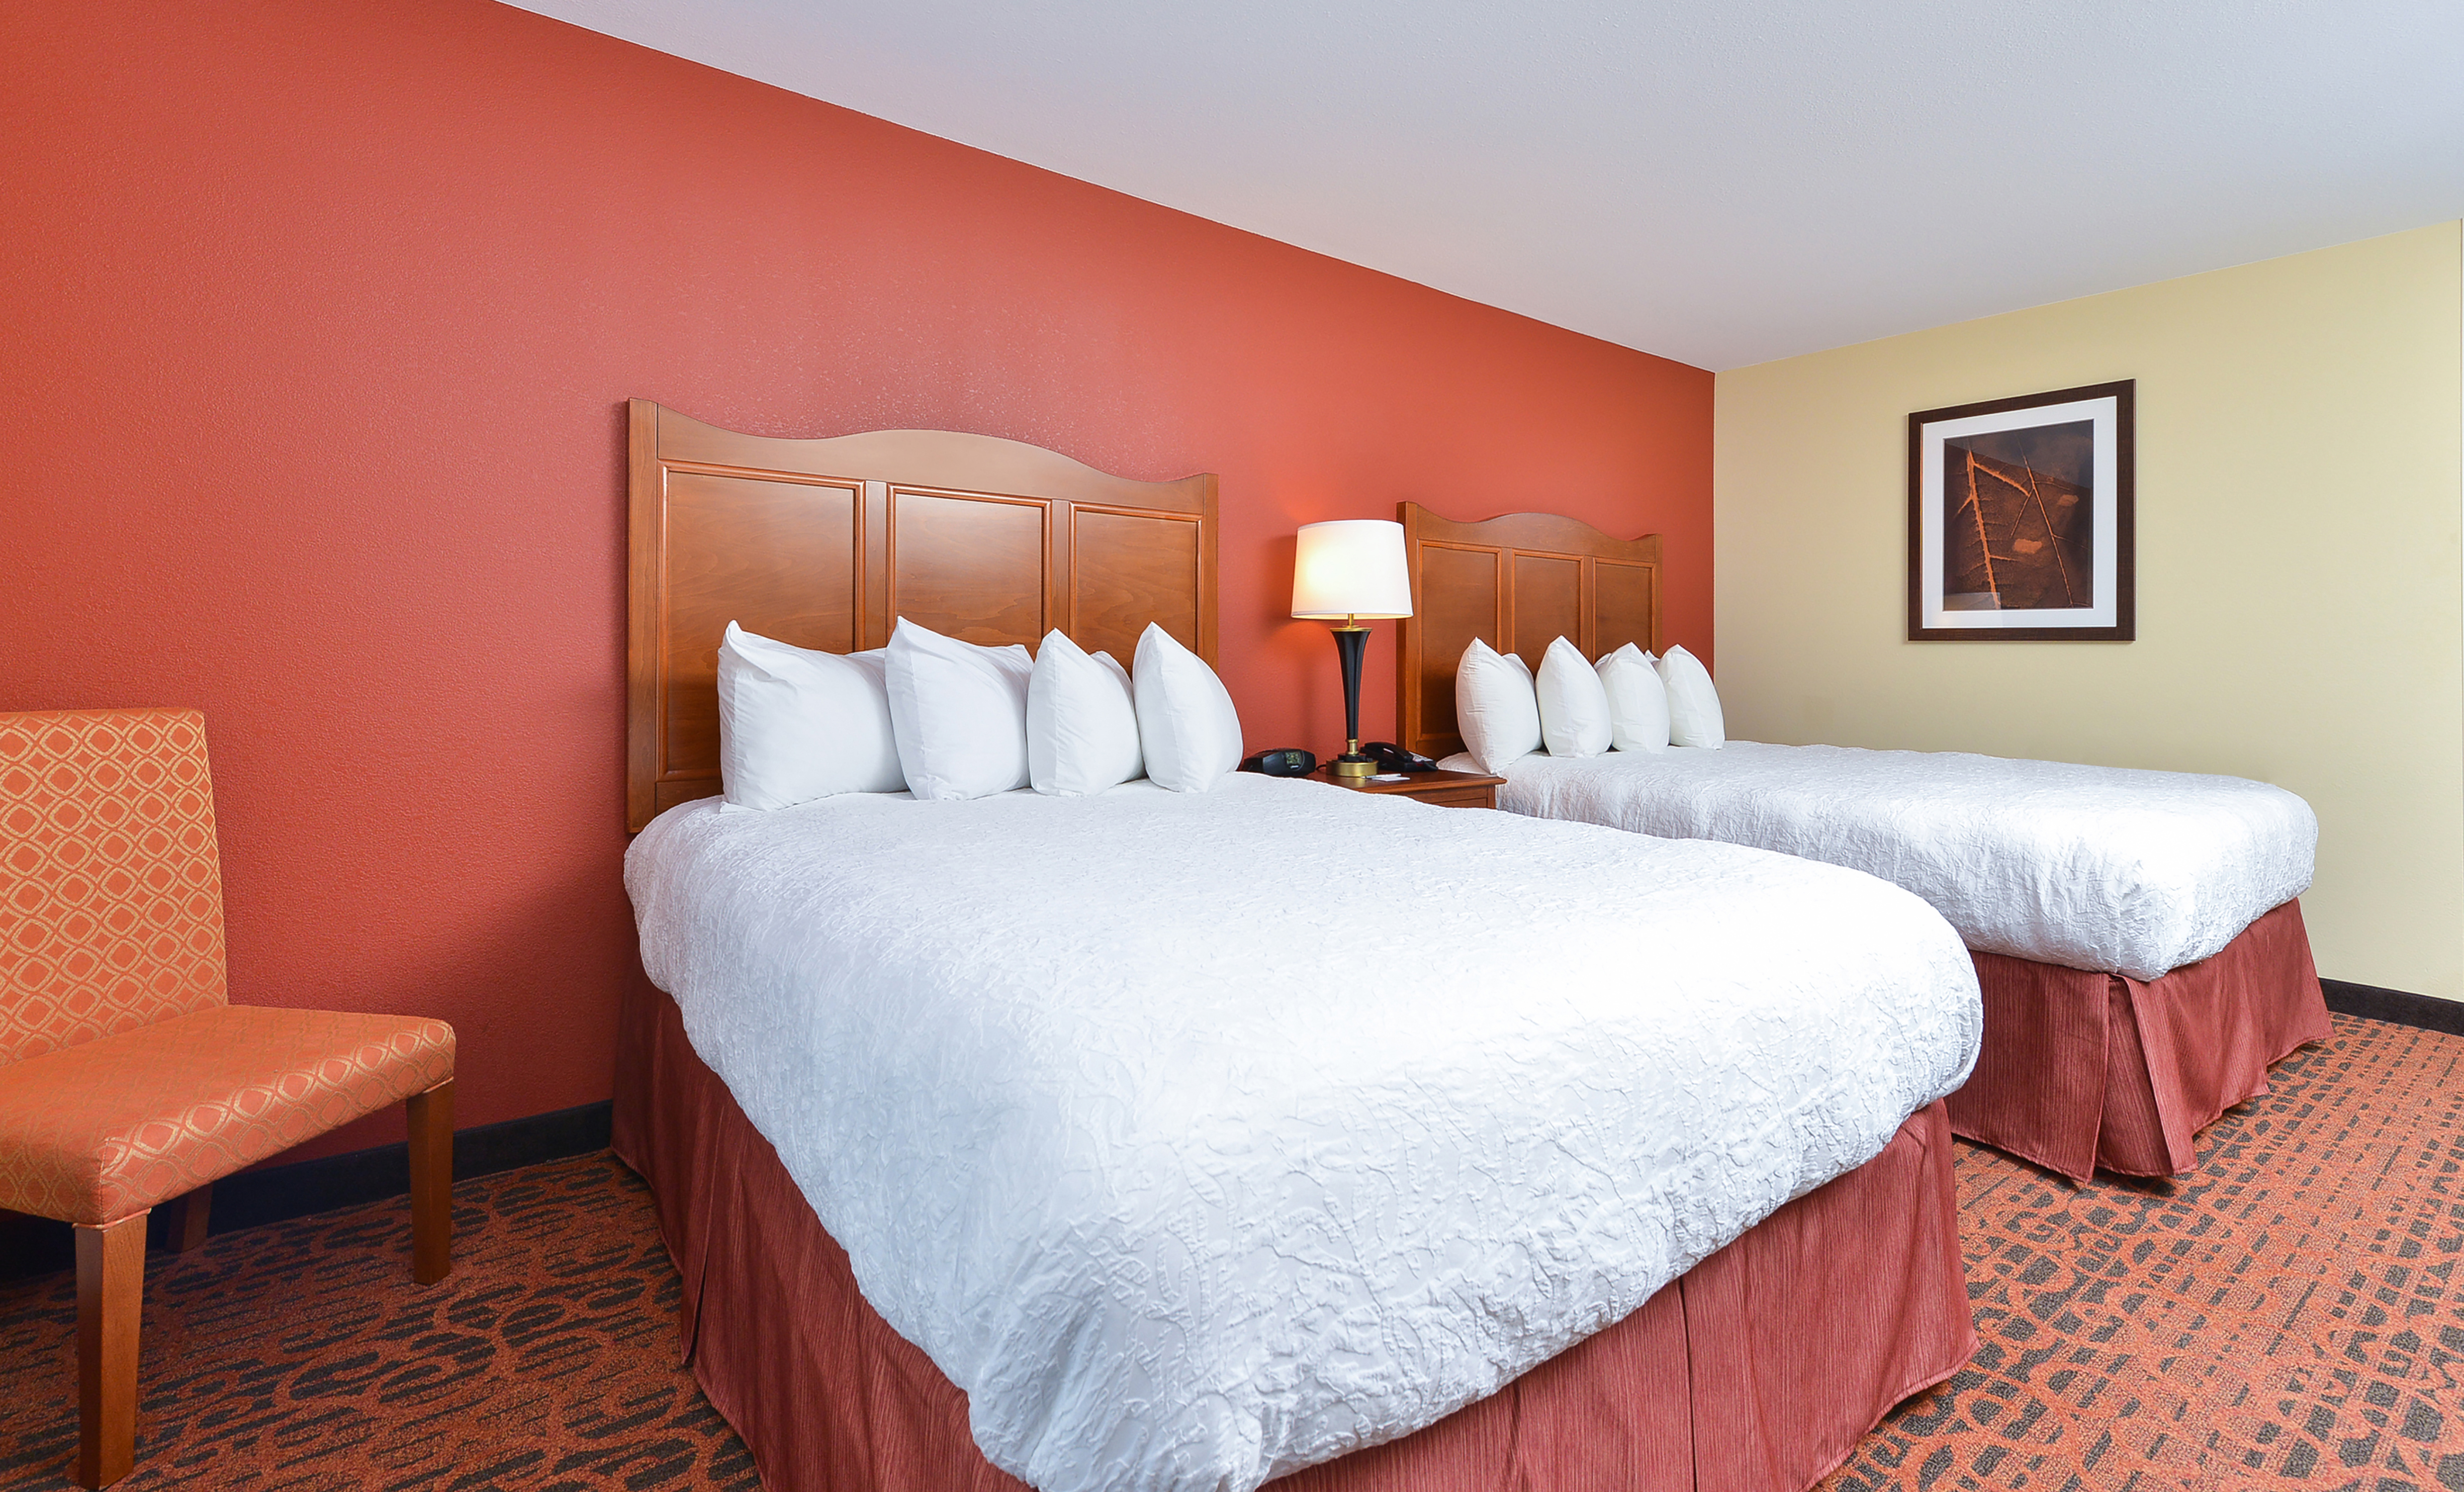 https://www.hotelsbyday.com/_data/default-hotel_image/3/16351/dsc-4386cropped.jpg